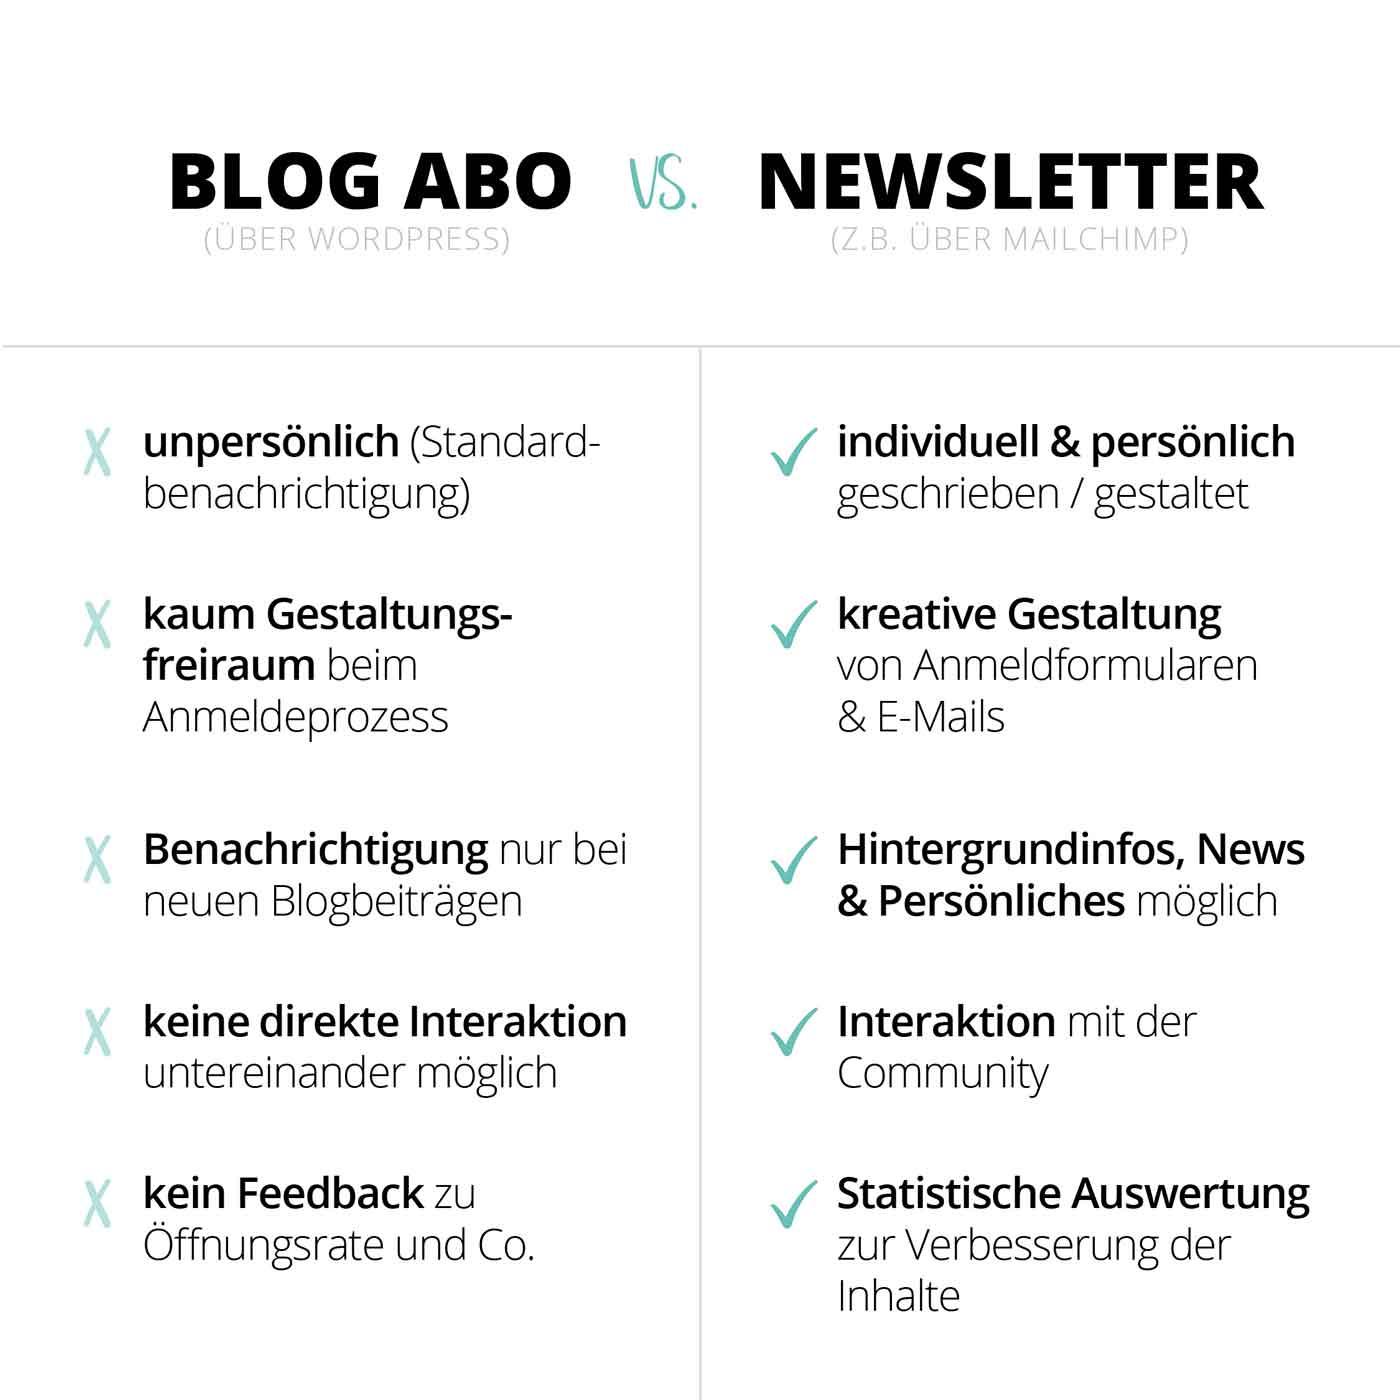 Fensterkatzen-Umstellung-Blog-Abo-zu-richtigem-Newsletter-Vergleich